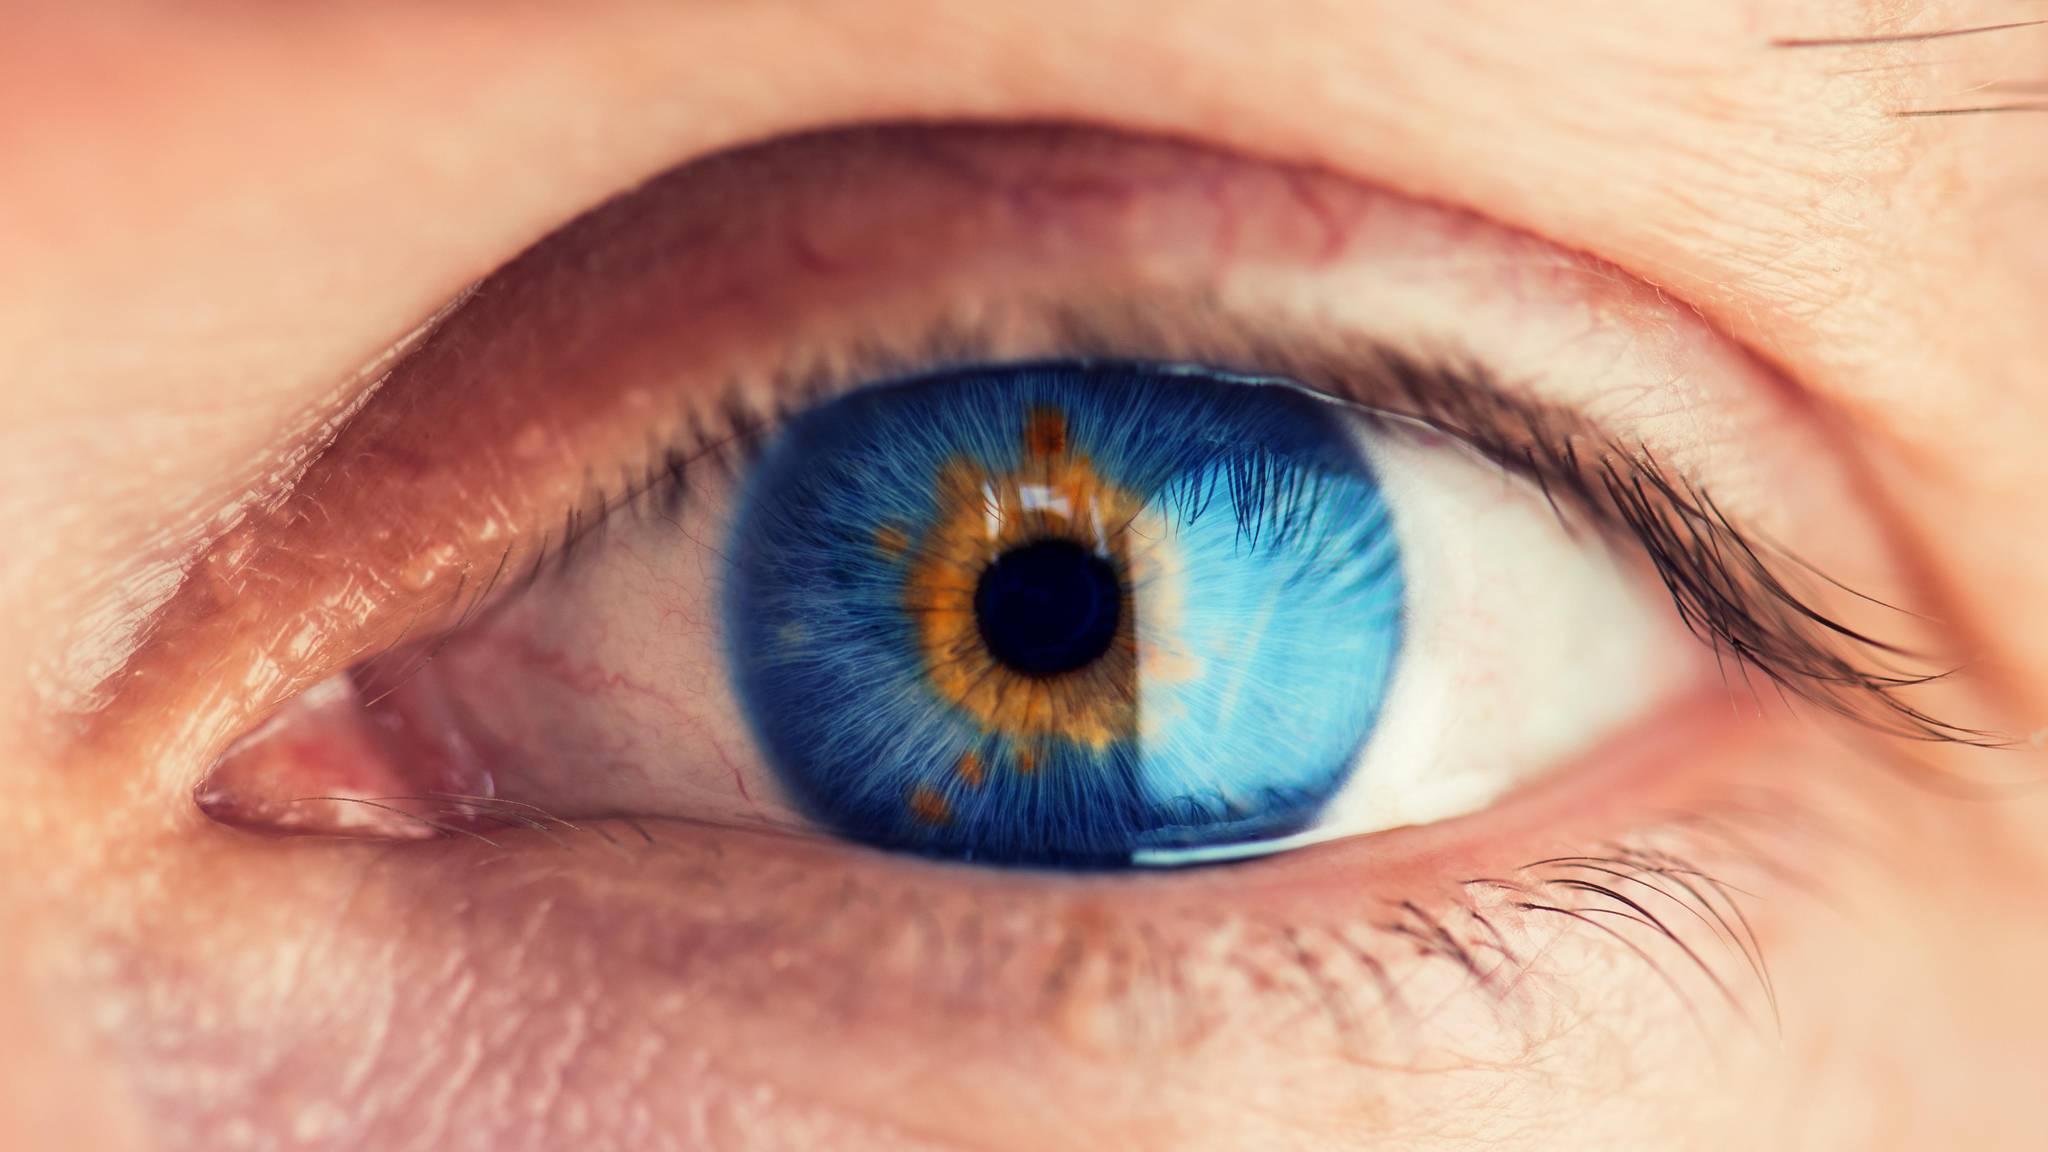 kann man seine augenfarbe ändern ohne kontaktlinsen